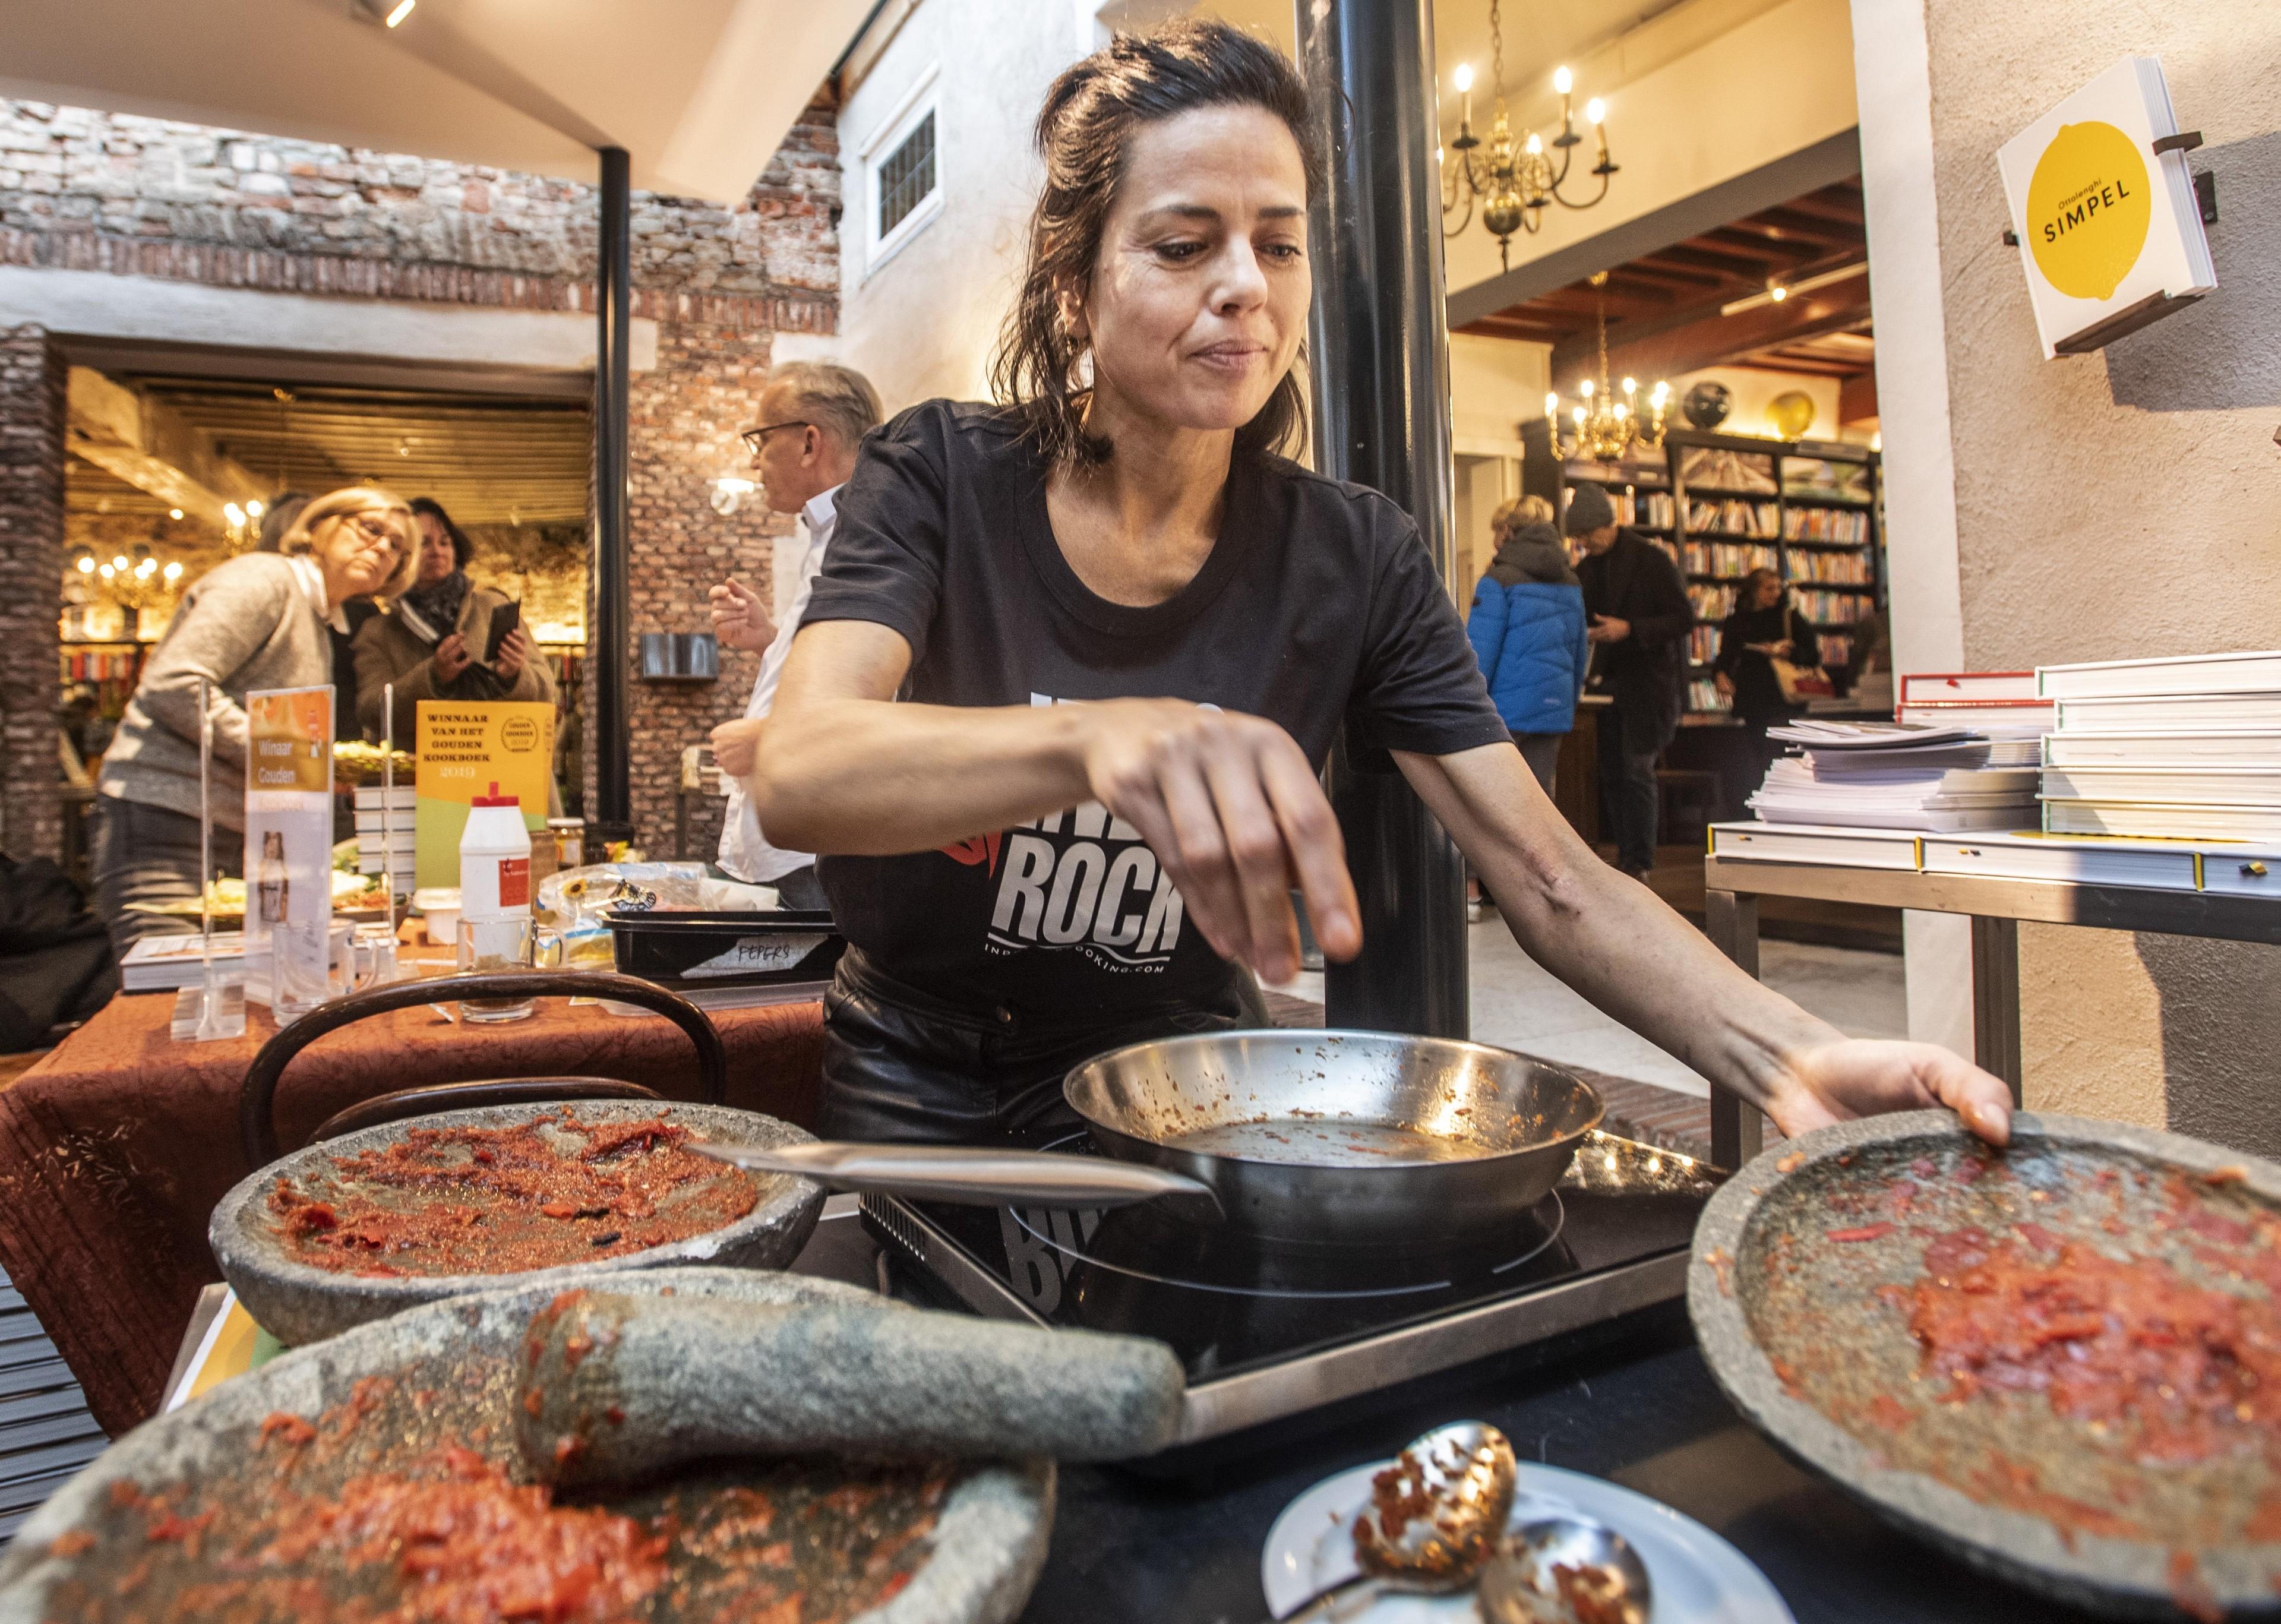 Zelf sambal maken in Haarlem met Vanja van der Leeden - Noordhollands Dagblad